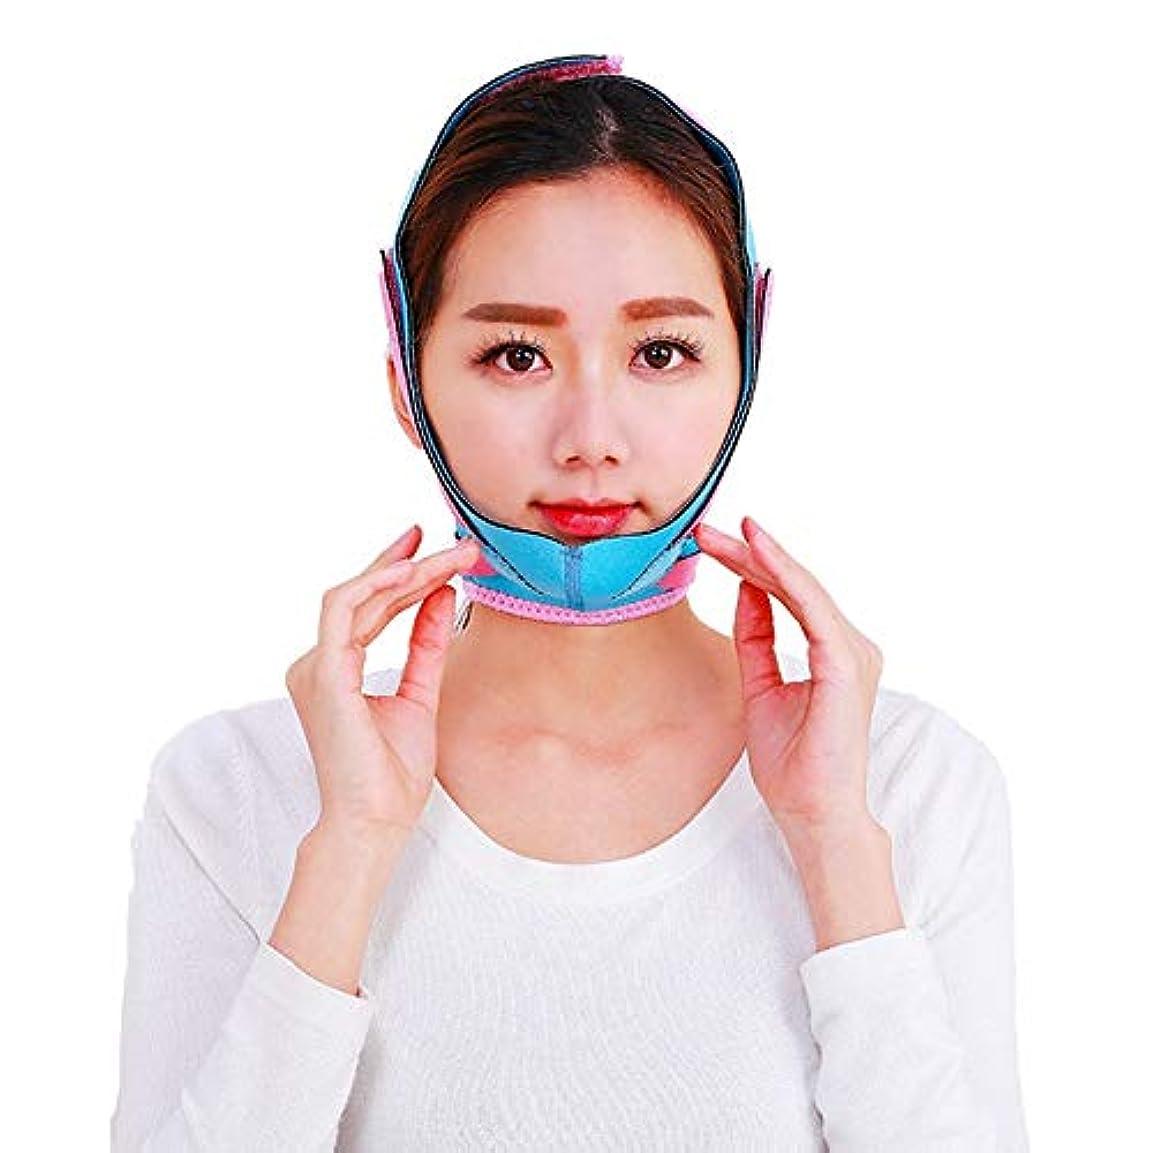 スナックボール方法GYZ フェイシャルリフティング痩身ベルトシンフェイス包帯アンチエイジングシワフリーフェイシャルマッサージ整形マスクダブルチンワークアウト Thin Face Belt